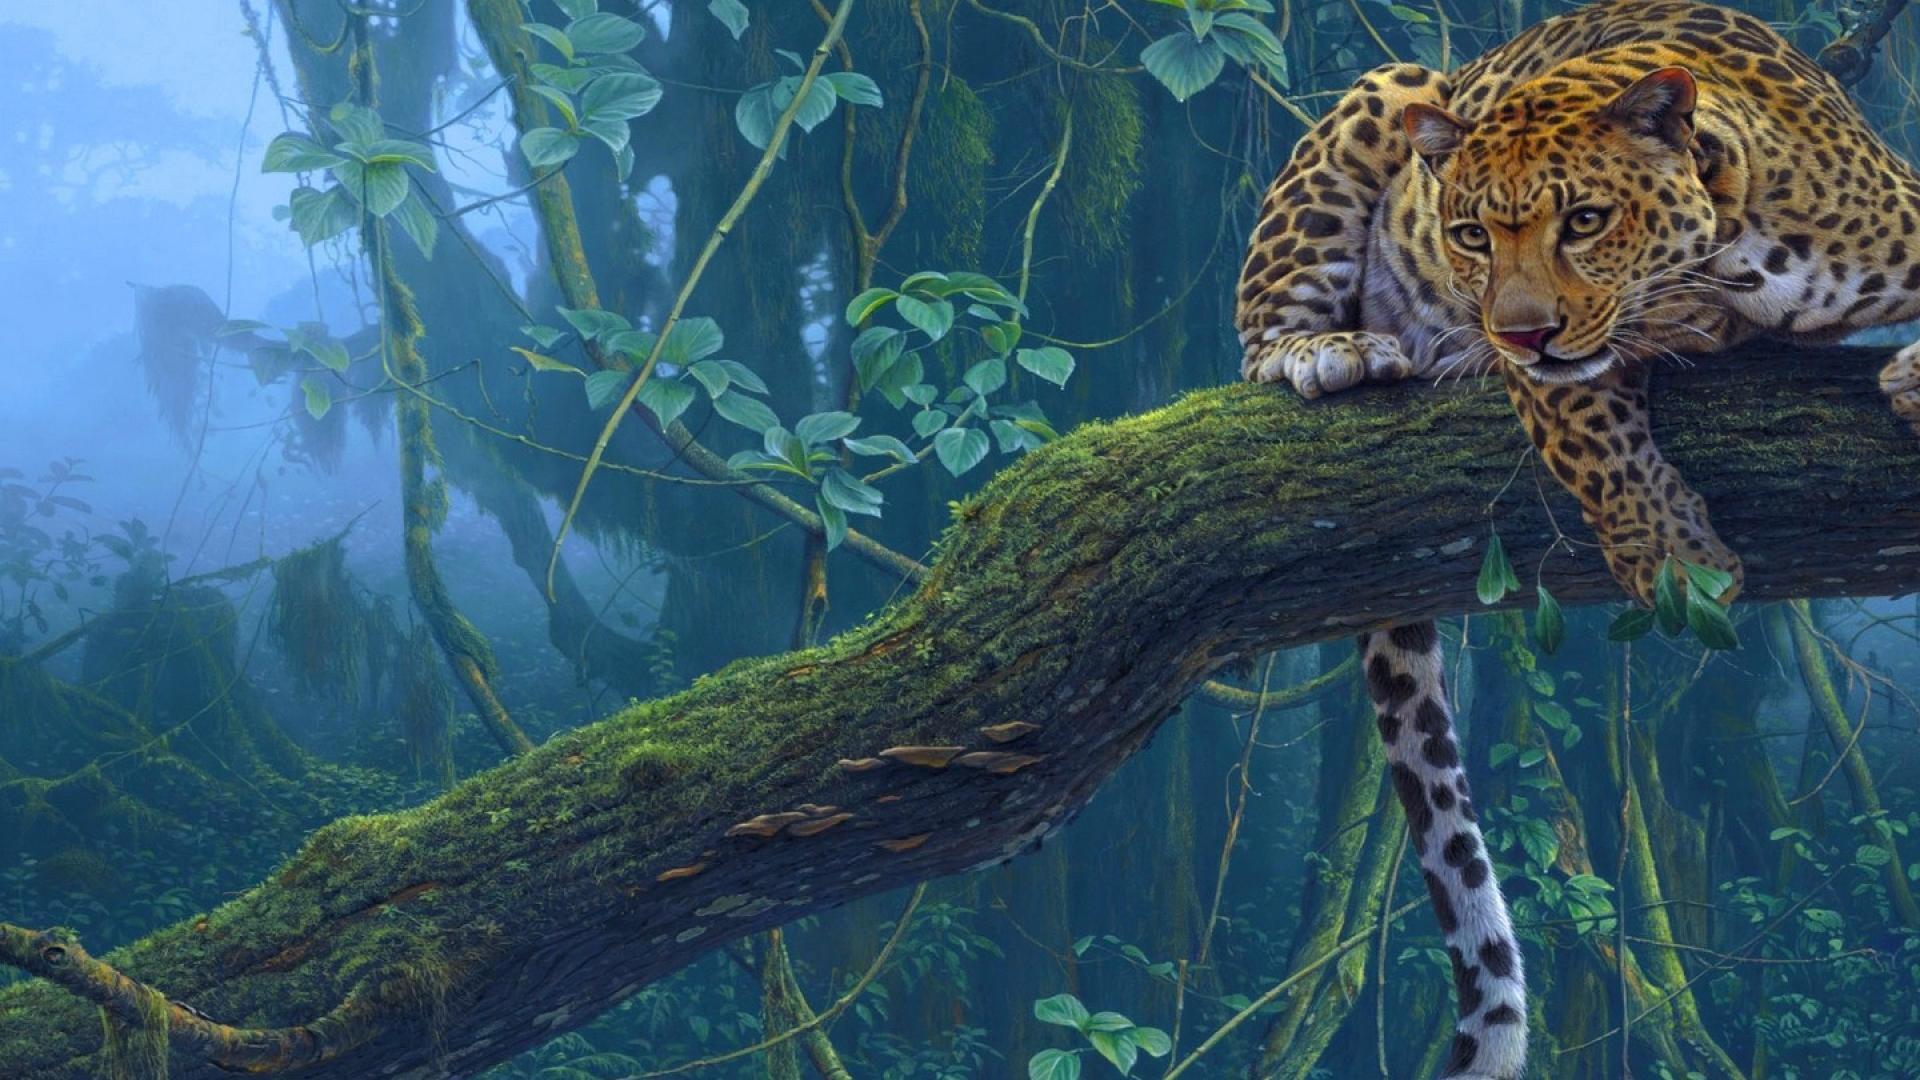 Hd Animal Wallpapers Hd Music Wallpapers: Jaguar Desktop Wallpaper